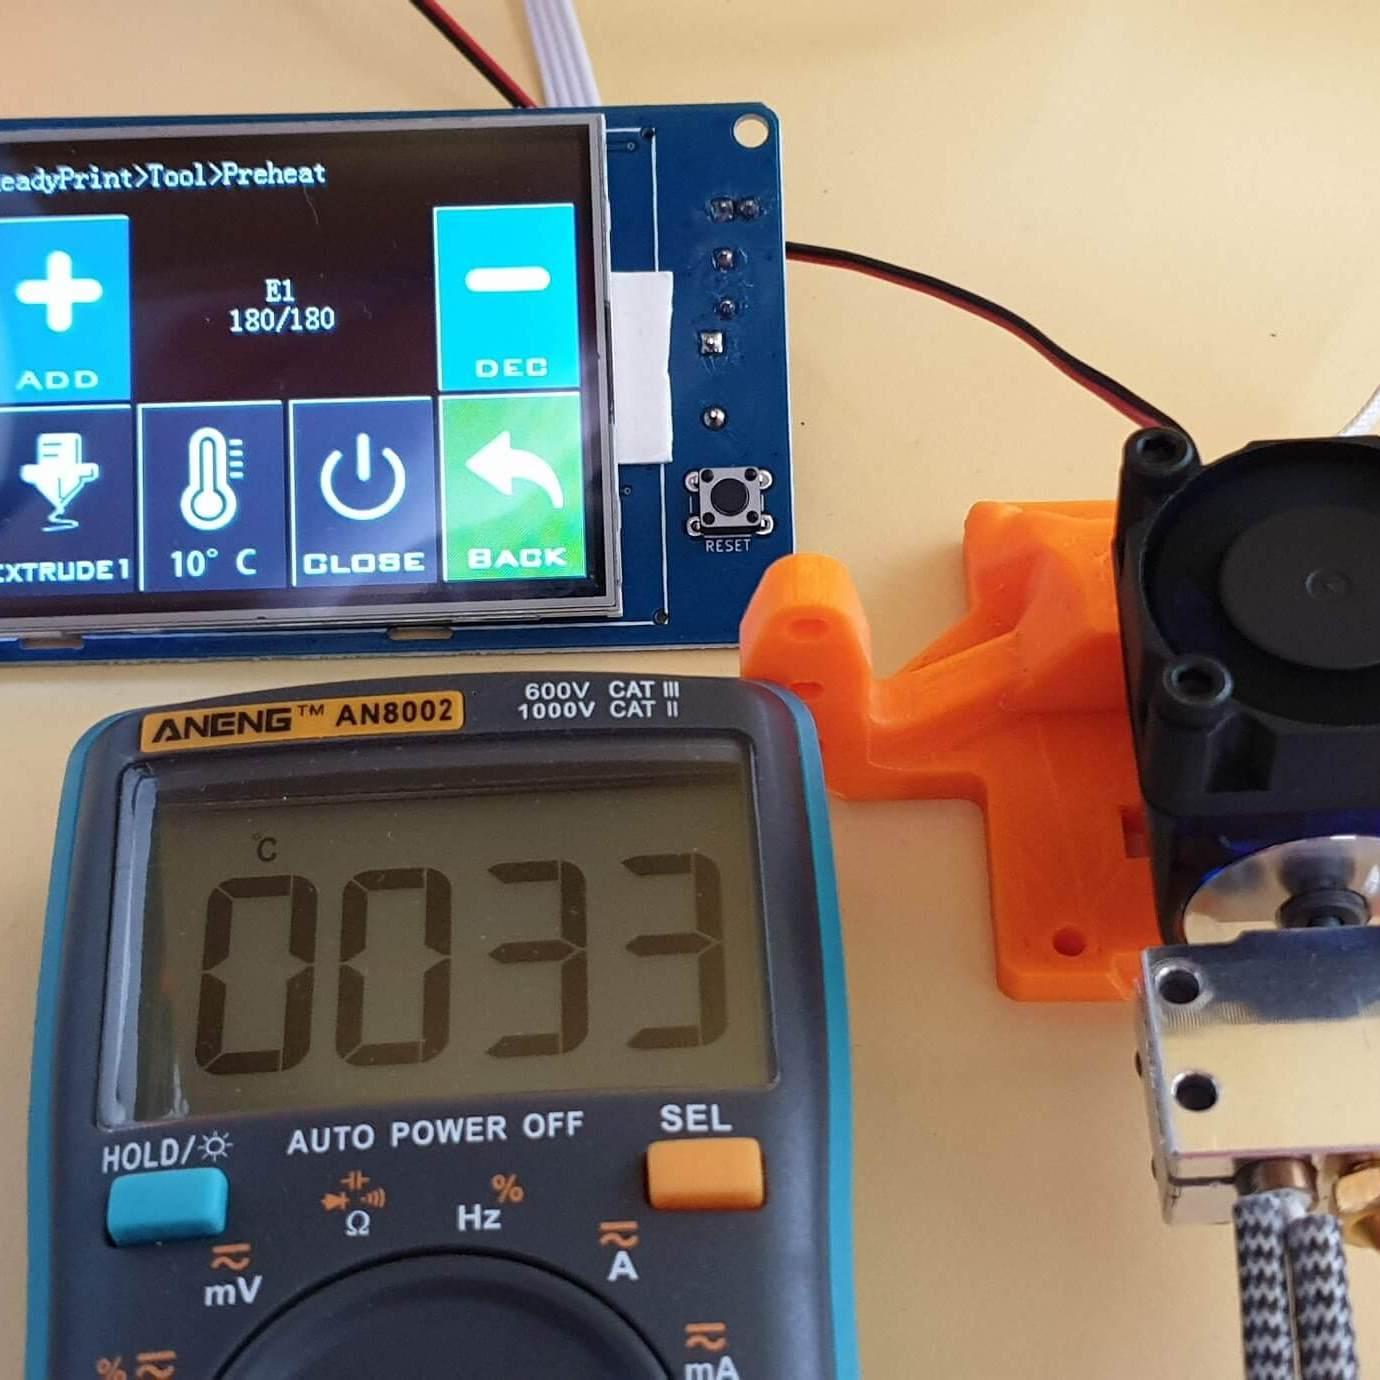 Copperhead heat break review - V6